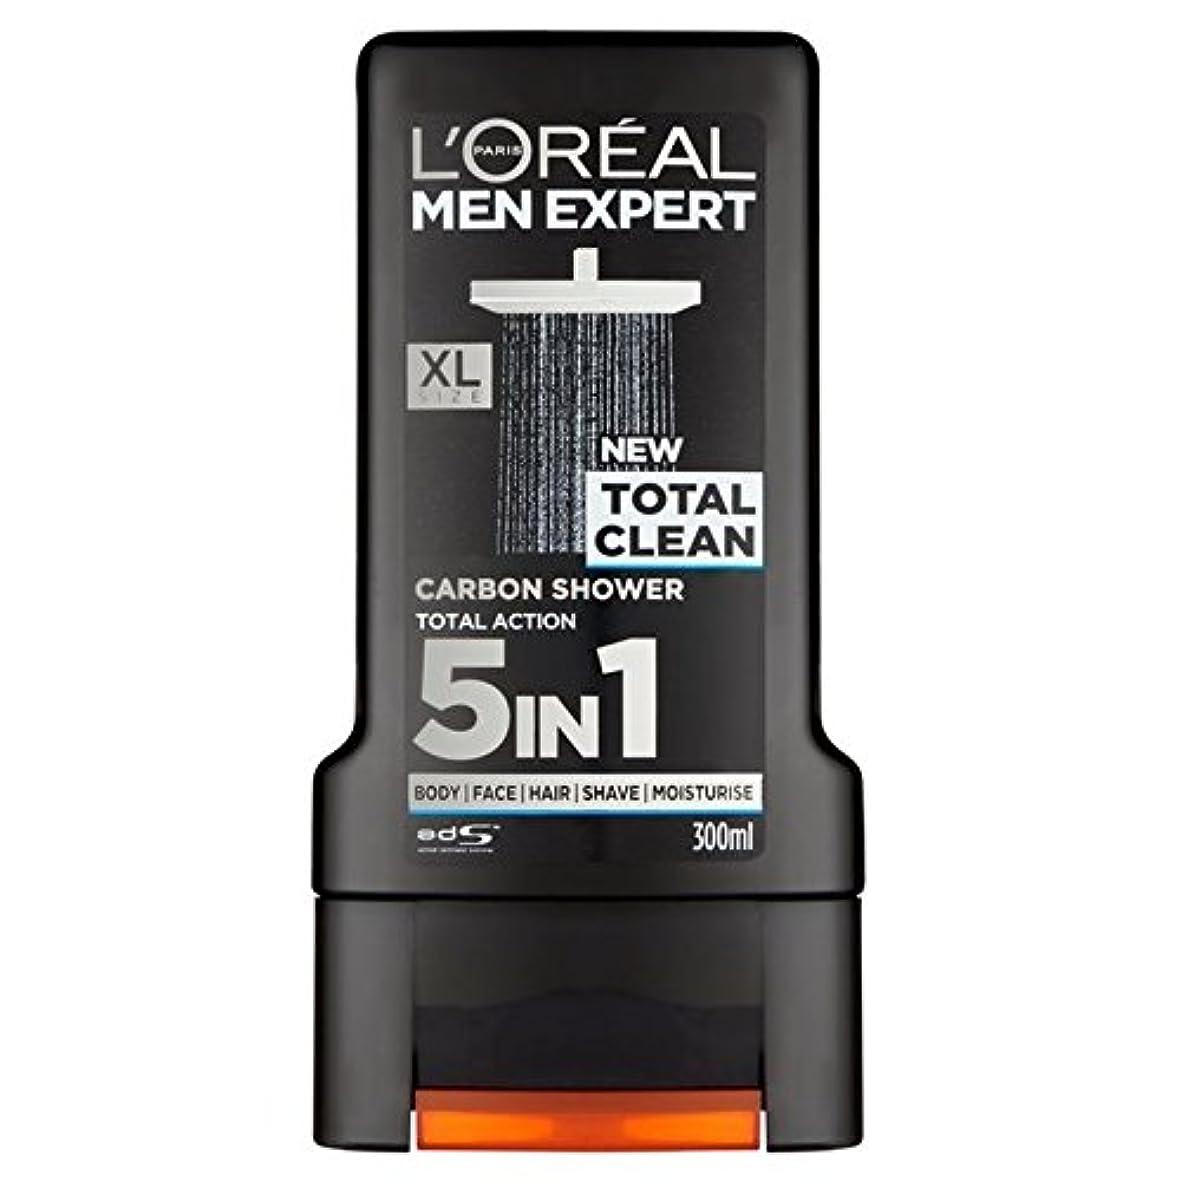 吸収遺棄された地下室L'Oreal Paris Men Expert Total Clean Shower Gel 300ml - ロレアルパリのメンズ専門トータルクリーンシャワージェル300ミリリットル [並行輸入品]